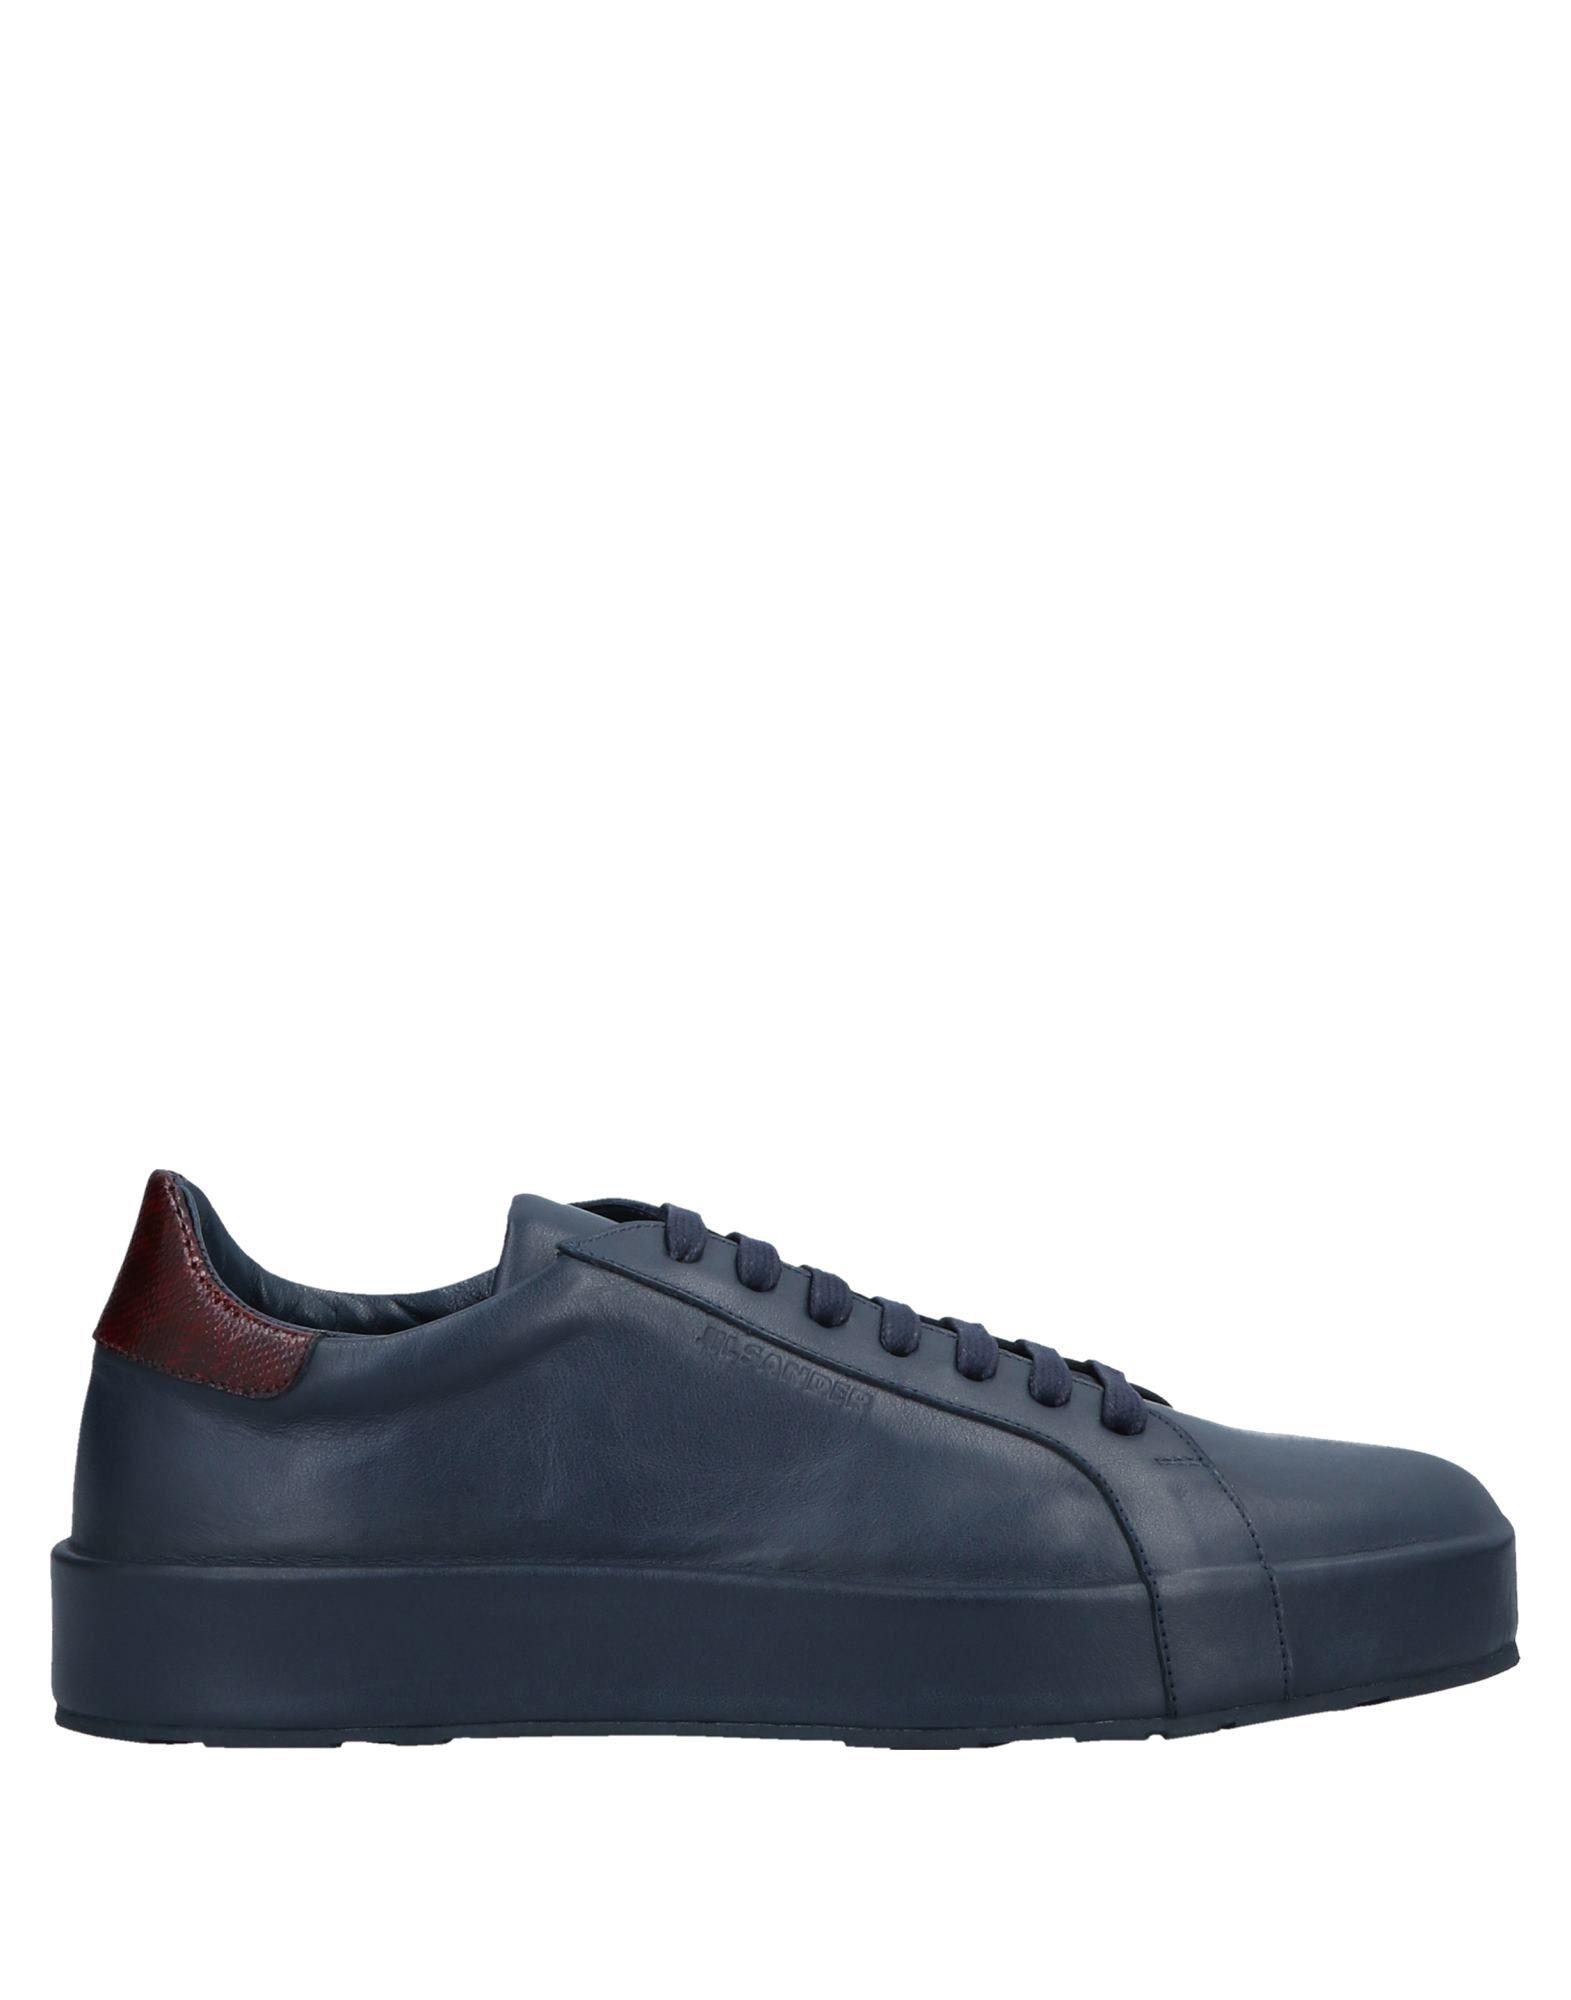 Jil Sander Sneakers Sneakers - Women Jil Sander Sneakers Sneakers online on  United Kingdom - 11560216UT 1d04af